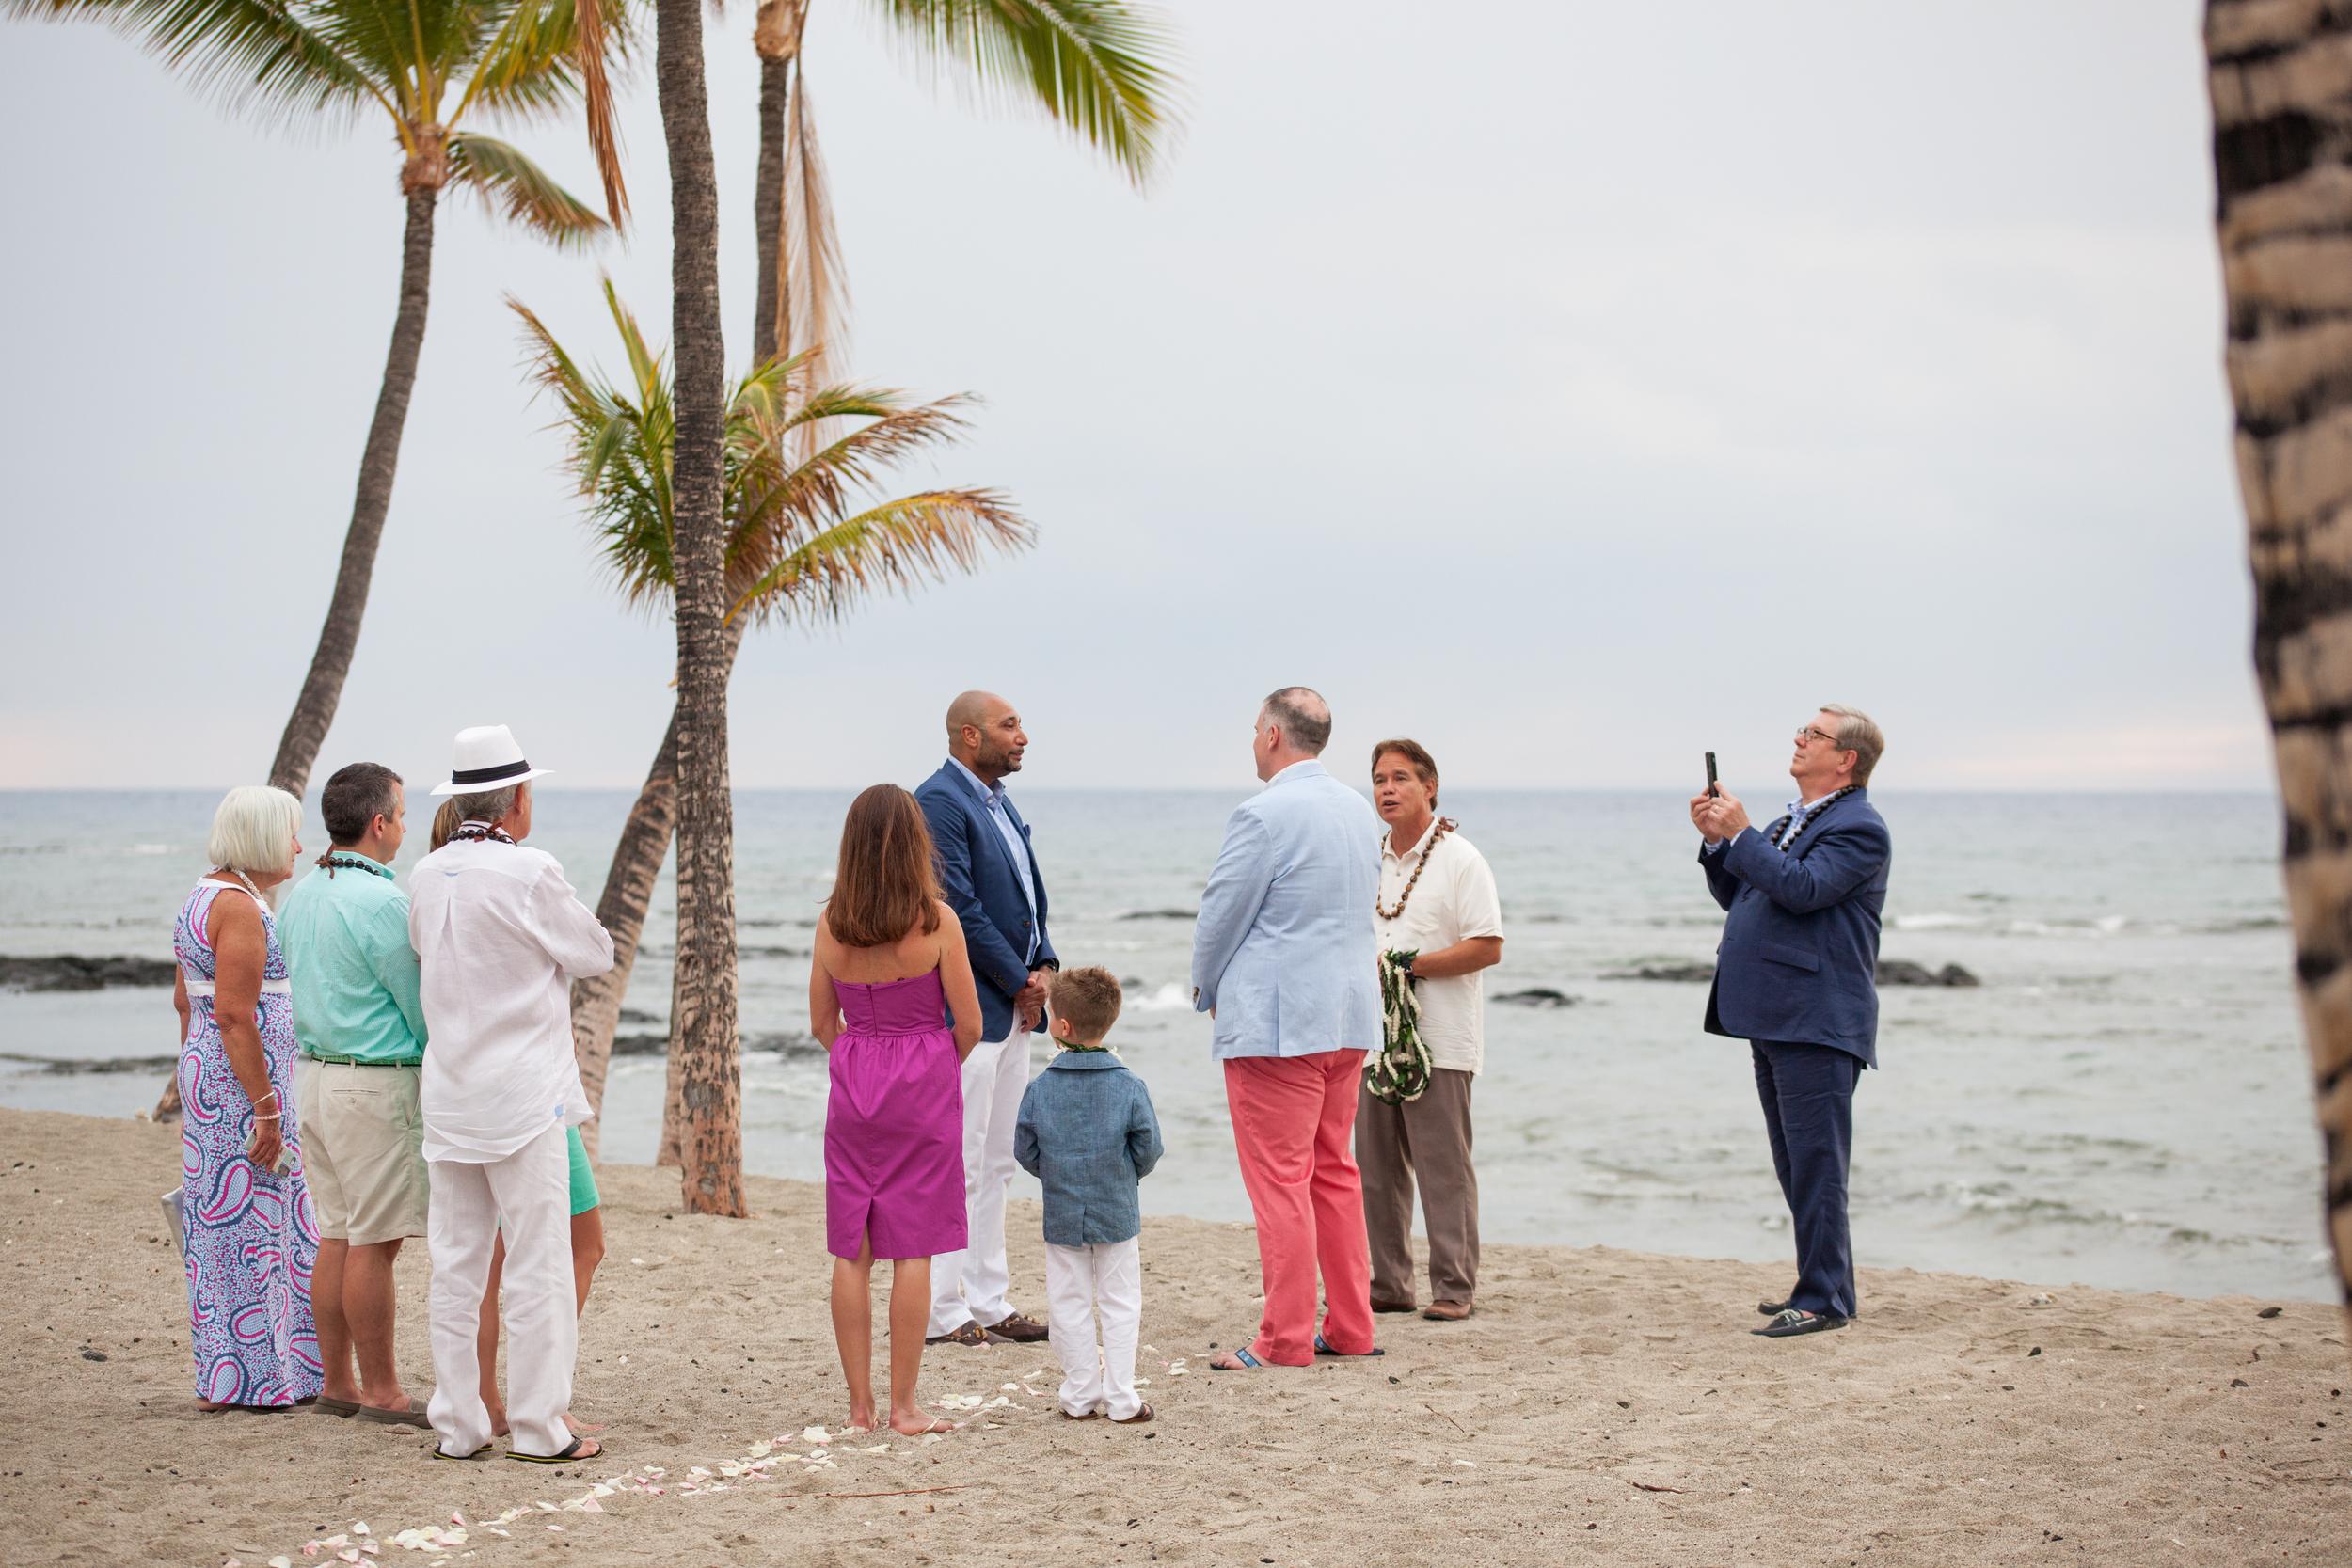 big island hawaii rmauna lani beach wedding © kelilina photography 20160601182201-3.jpg